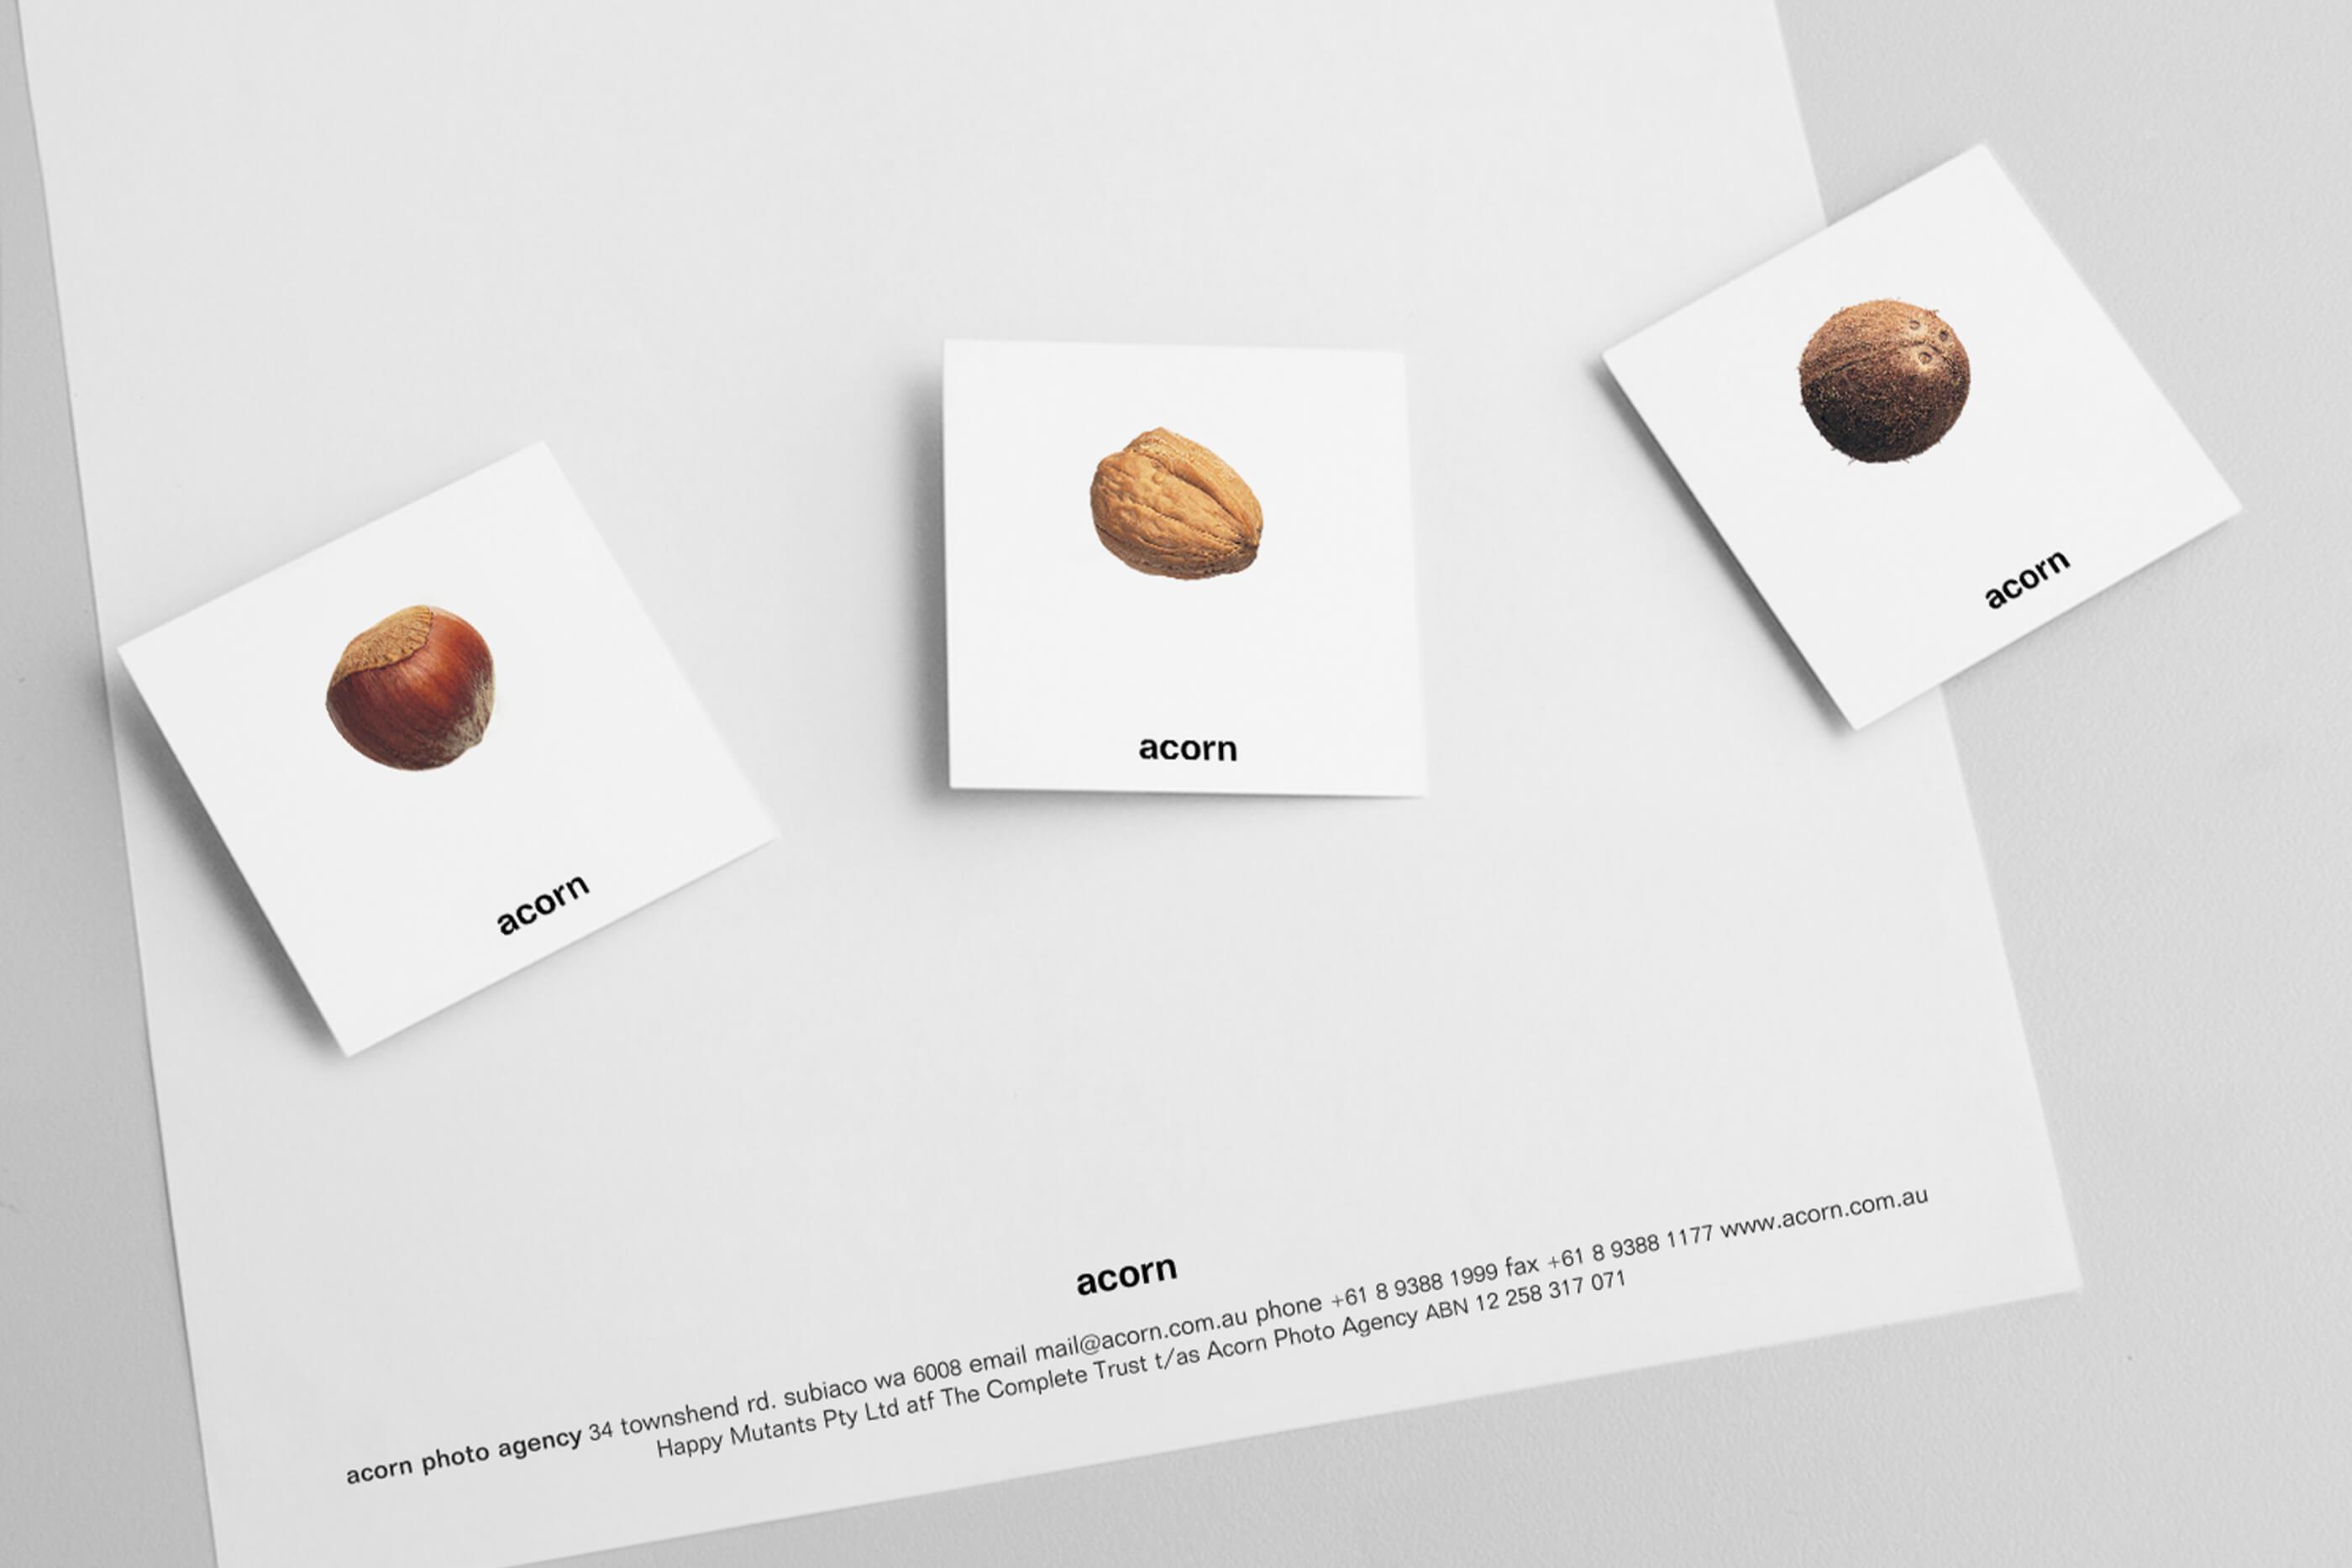 acorn_3